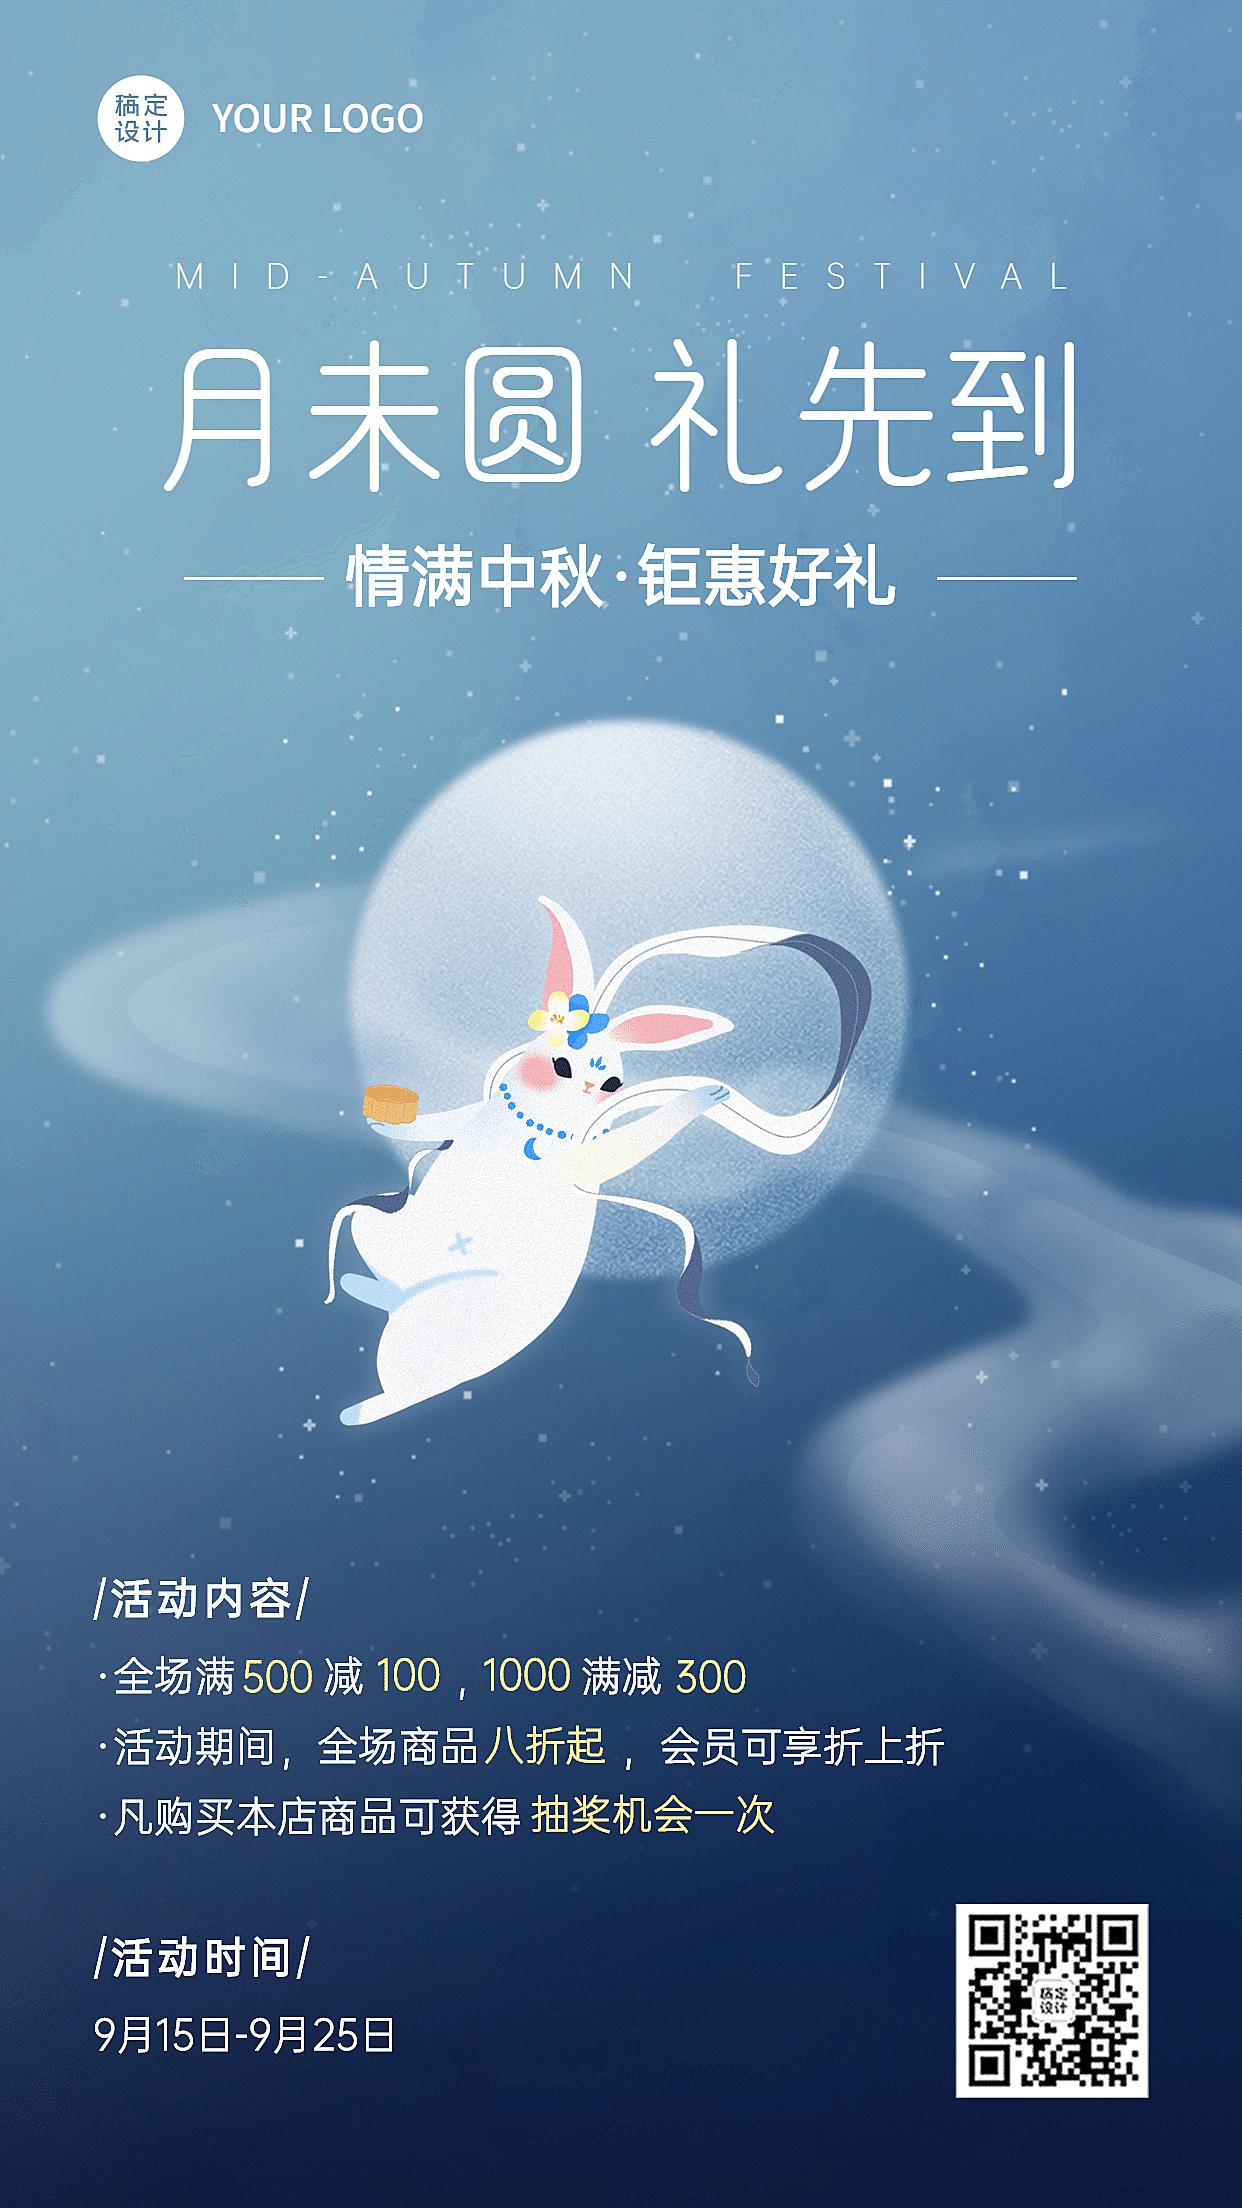 中秋节活动促销简约商务手机海报